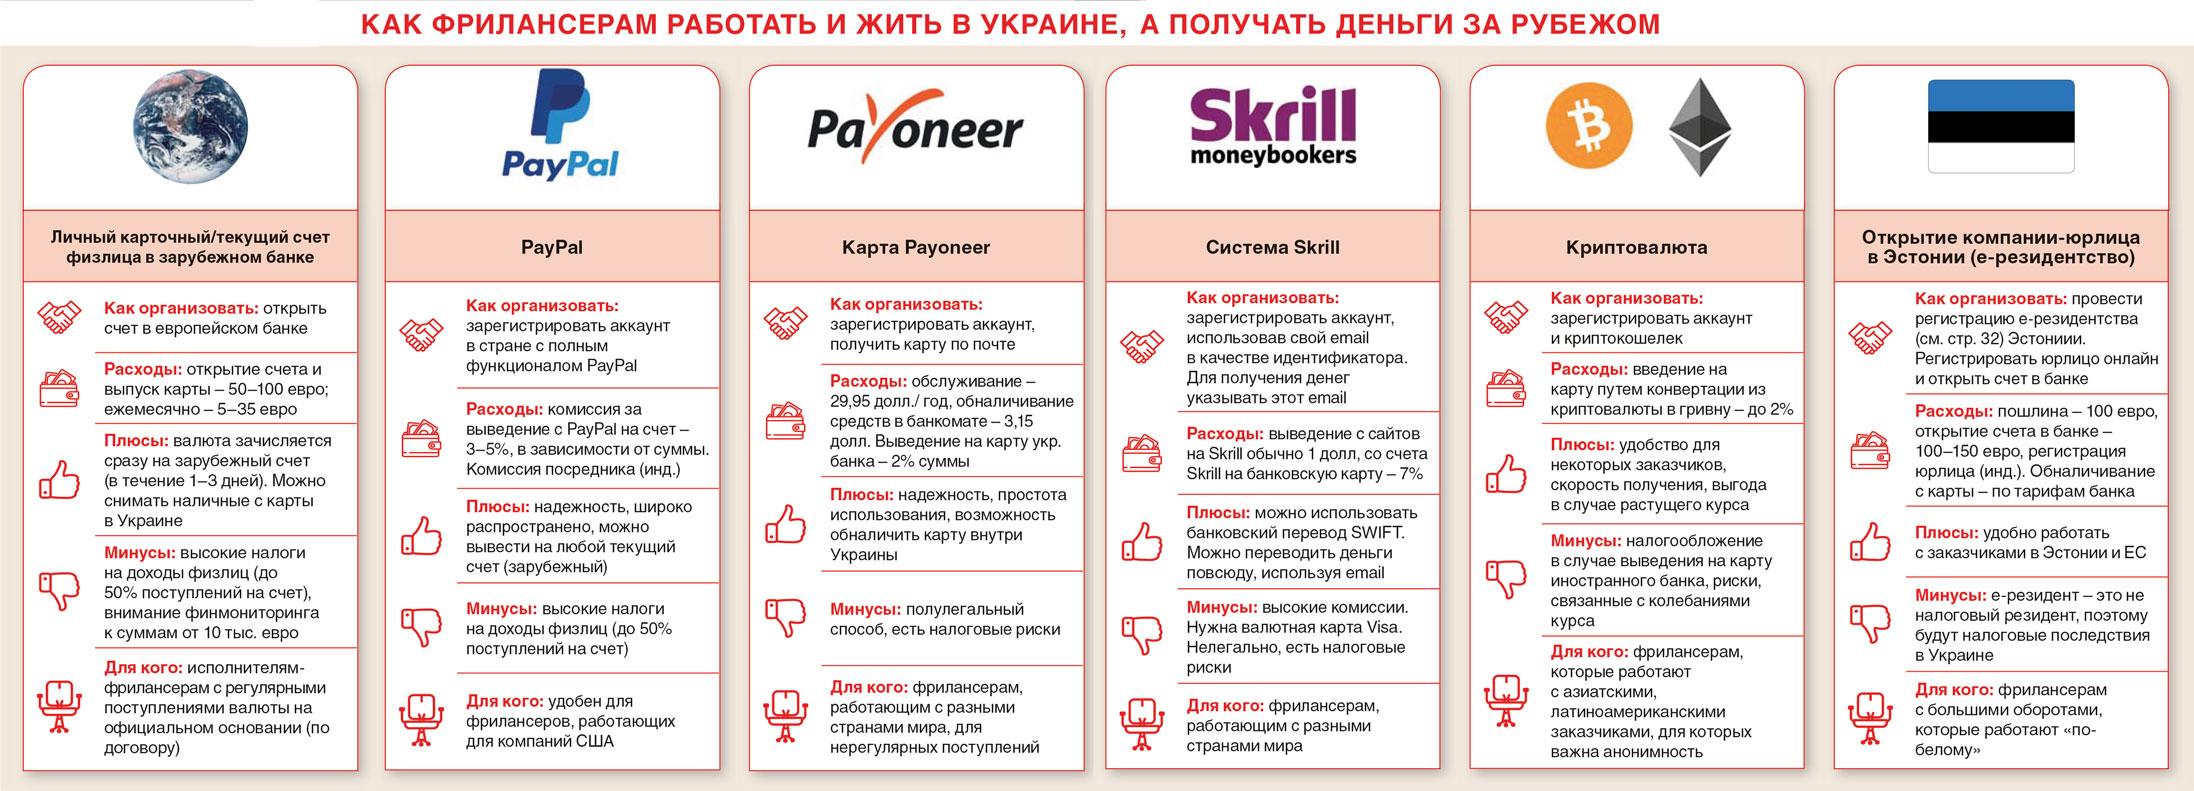 Как украинским фрилансерам получать зарплату за рубежом